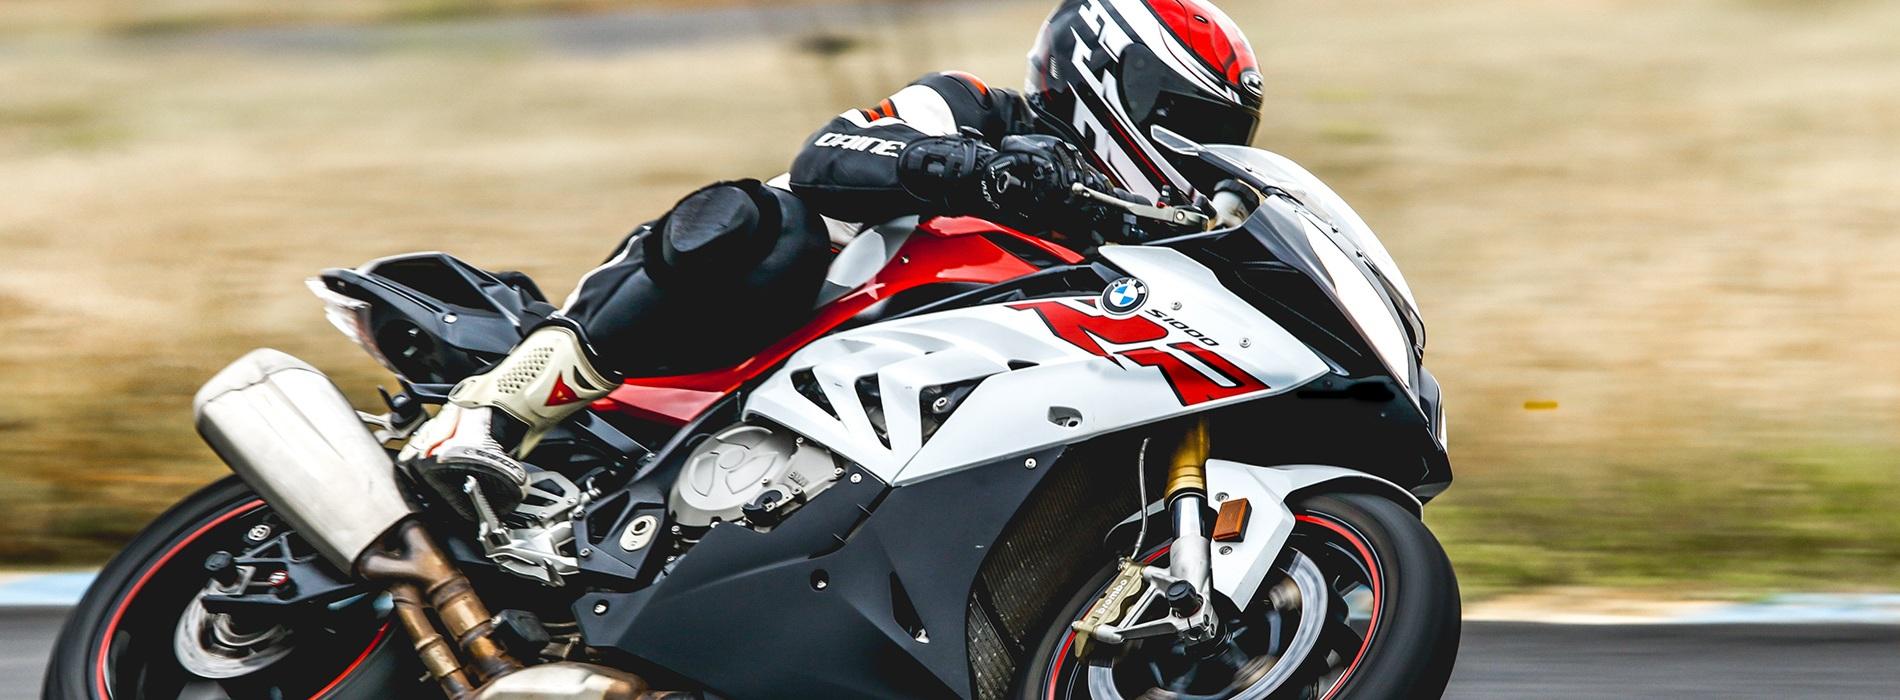 Por qué no debes mezclar diferentes neumáticos en tu moto